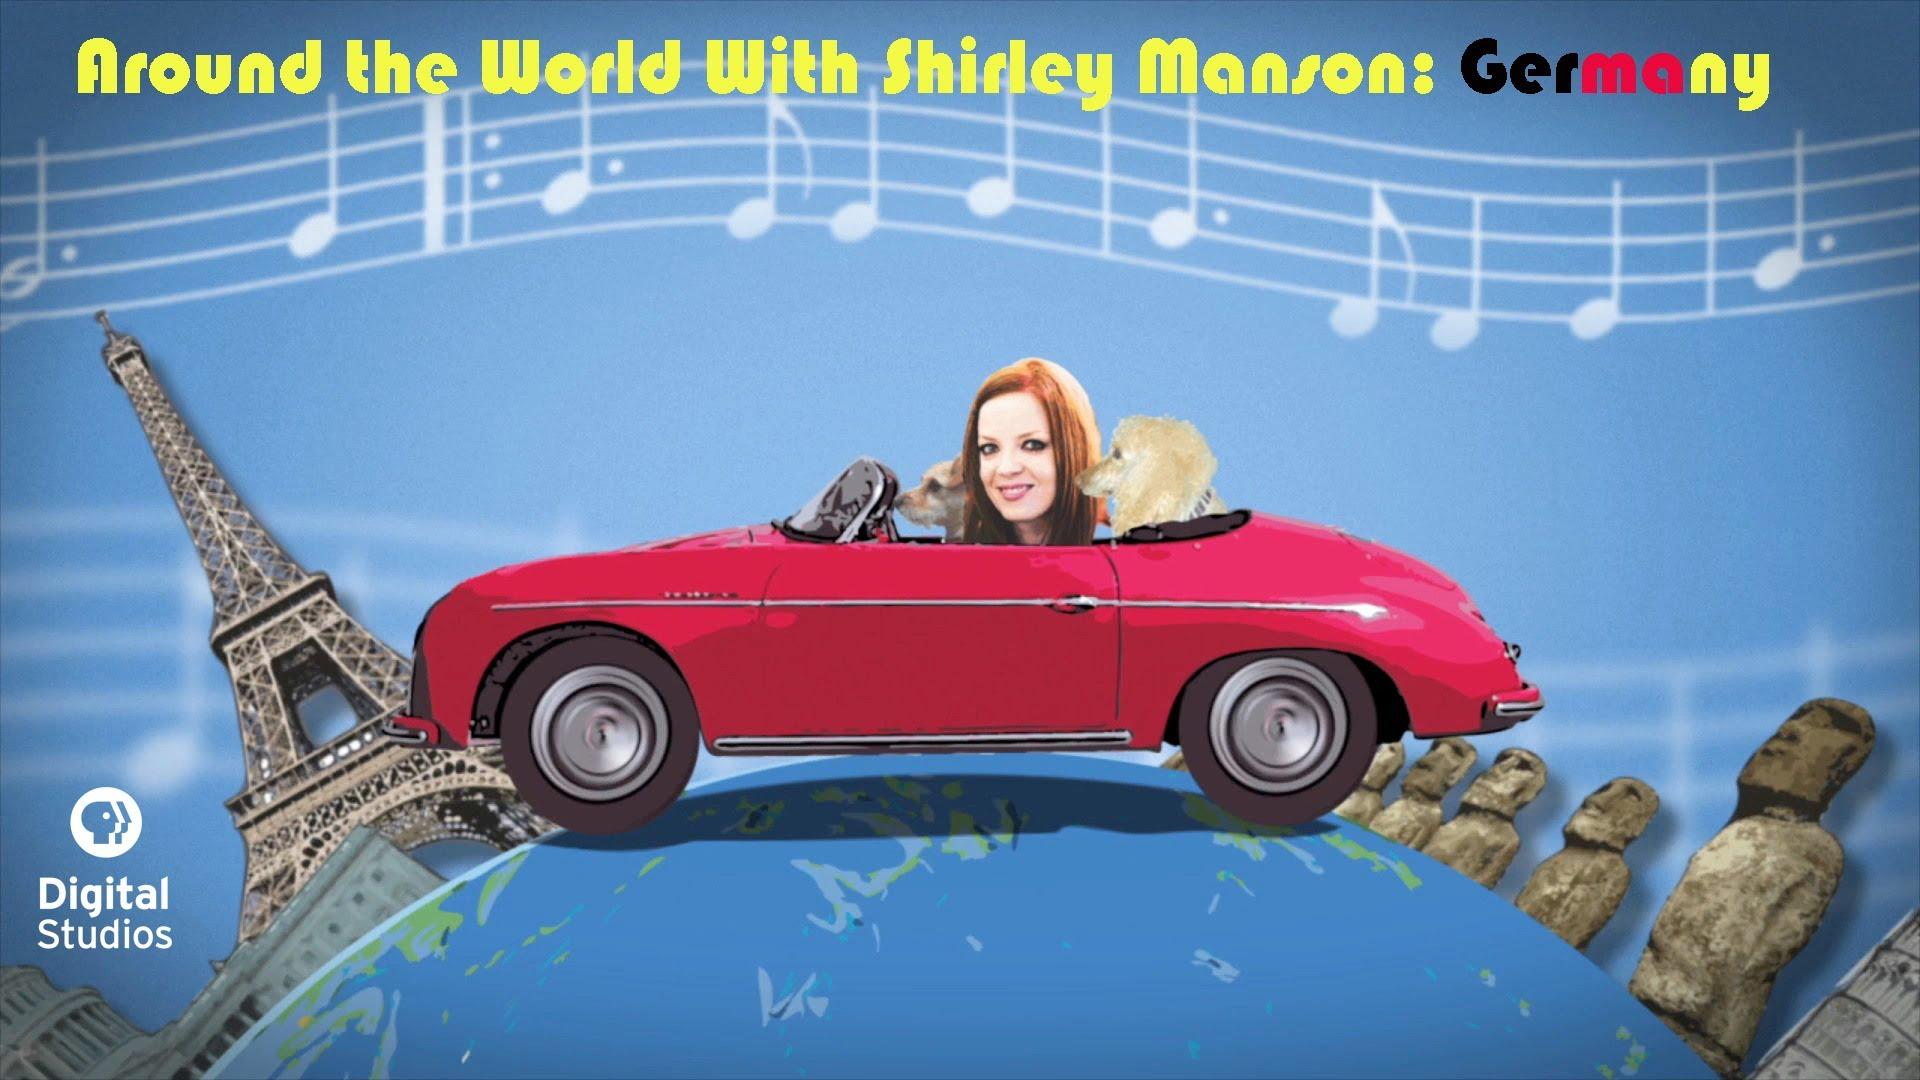 maxresdefault2GSE9C0J Shirley Manson erklärt uns Deutschland